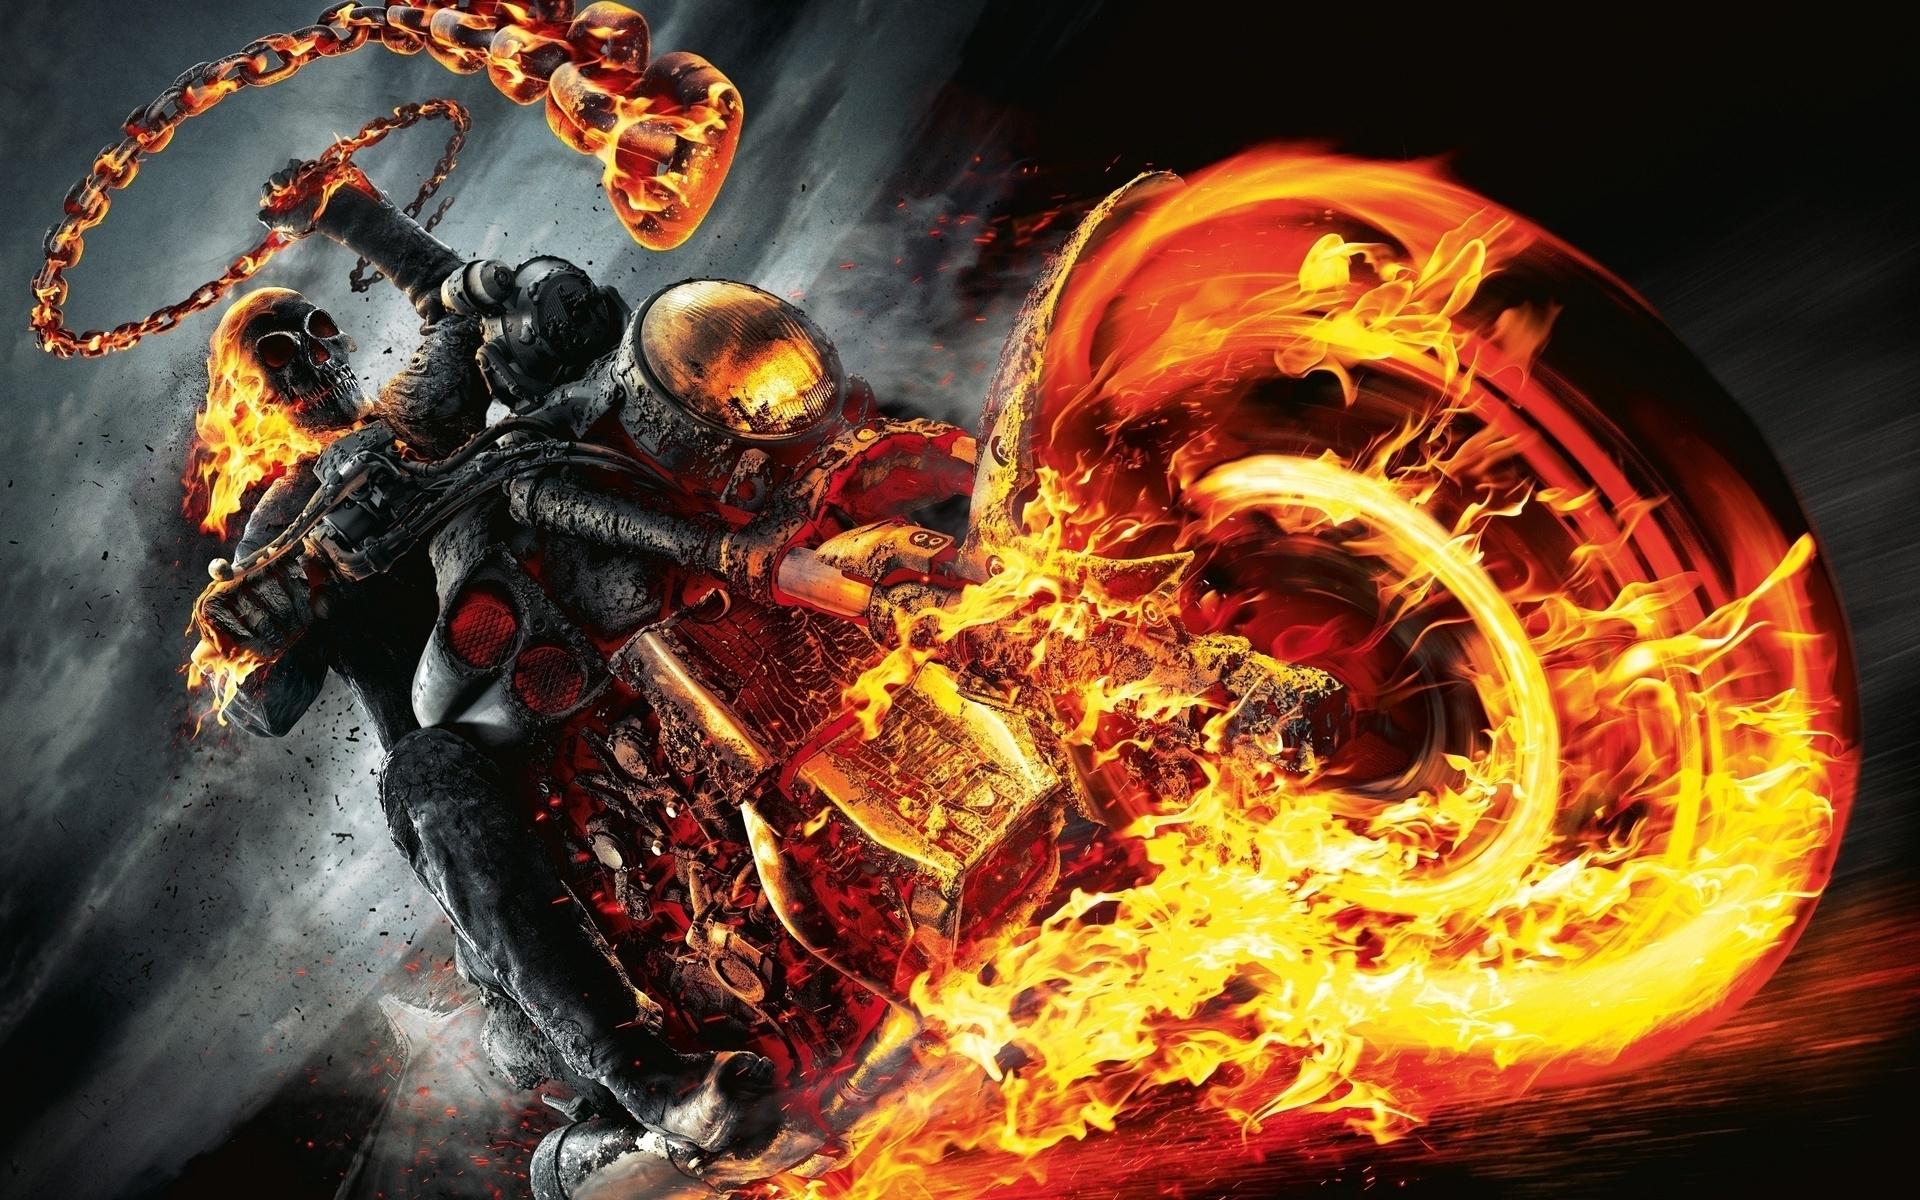 29 ghost rider: spirit of vengeance fonds d'écran hd | arrière-plans